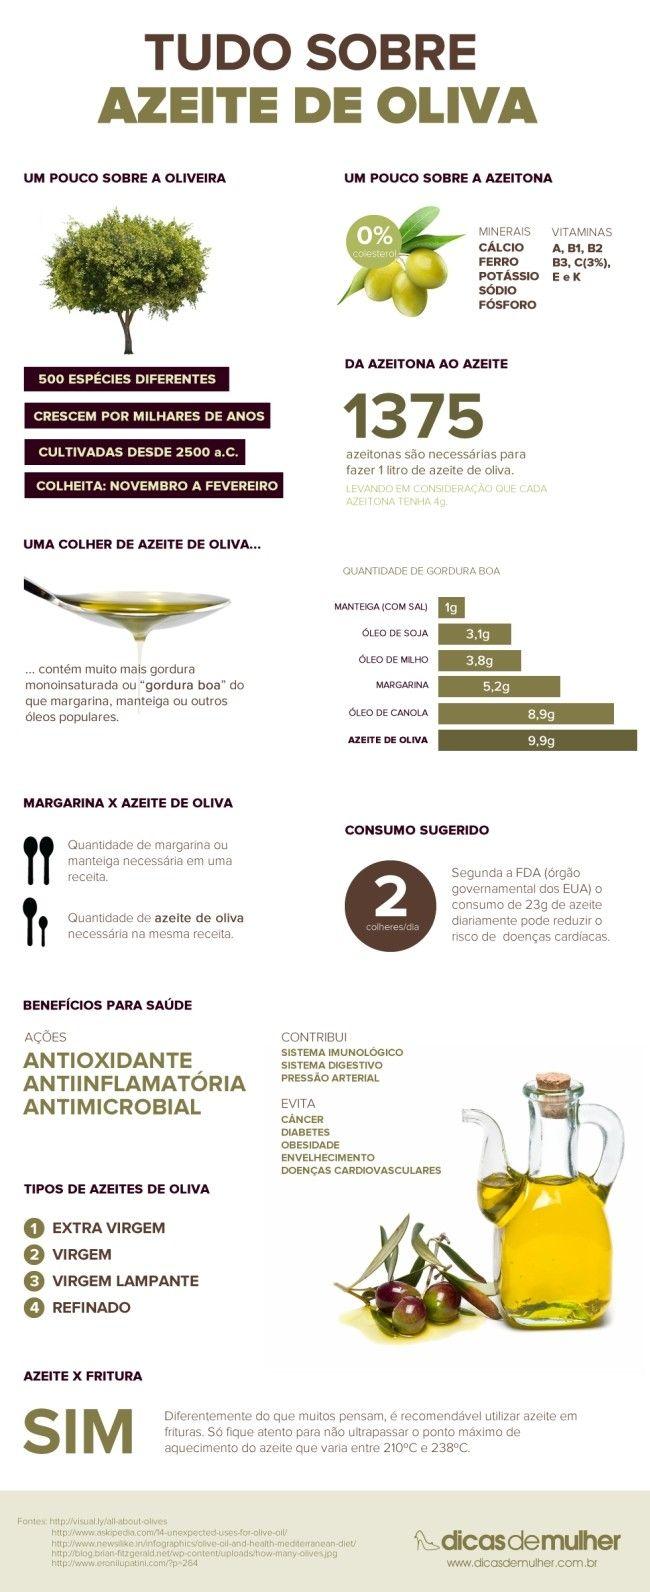 infografico azeite de oliva Como escolher o azeite na hora da compra